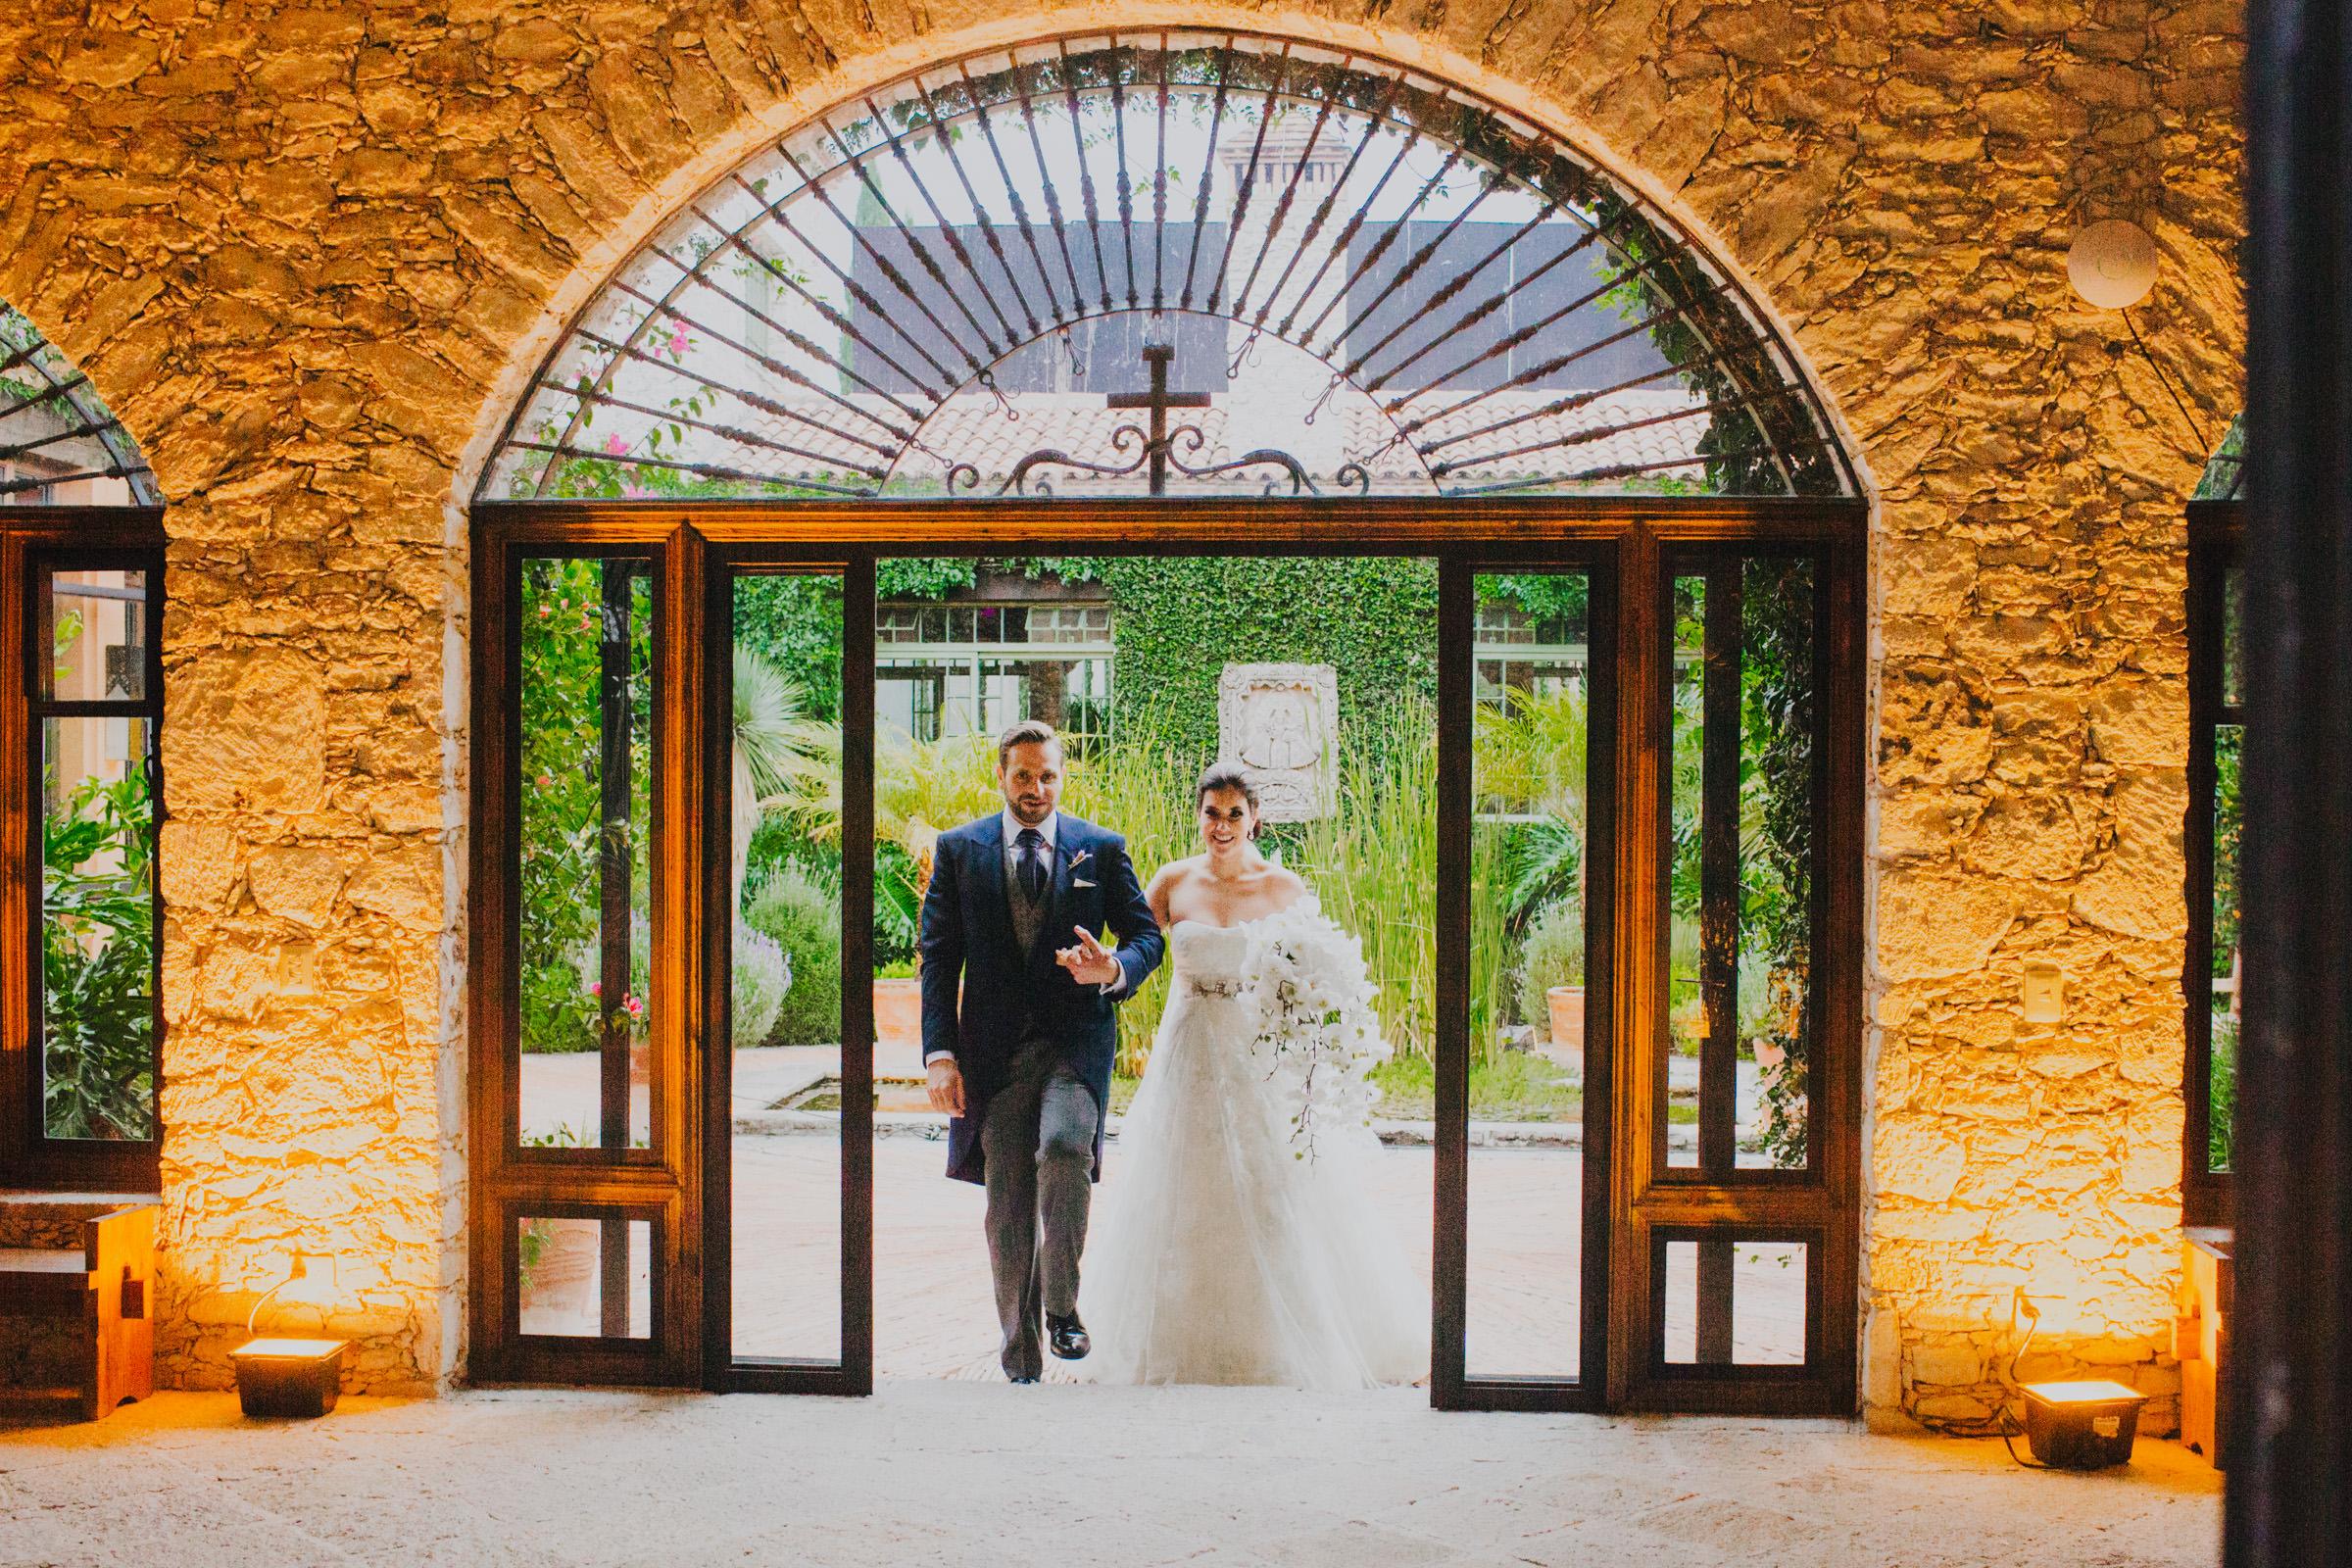 San-Miguel-de-Allende-Mexico-Wedding-Photographer-Rancho-Las-Sabinas-0156.JPG